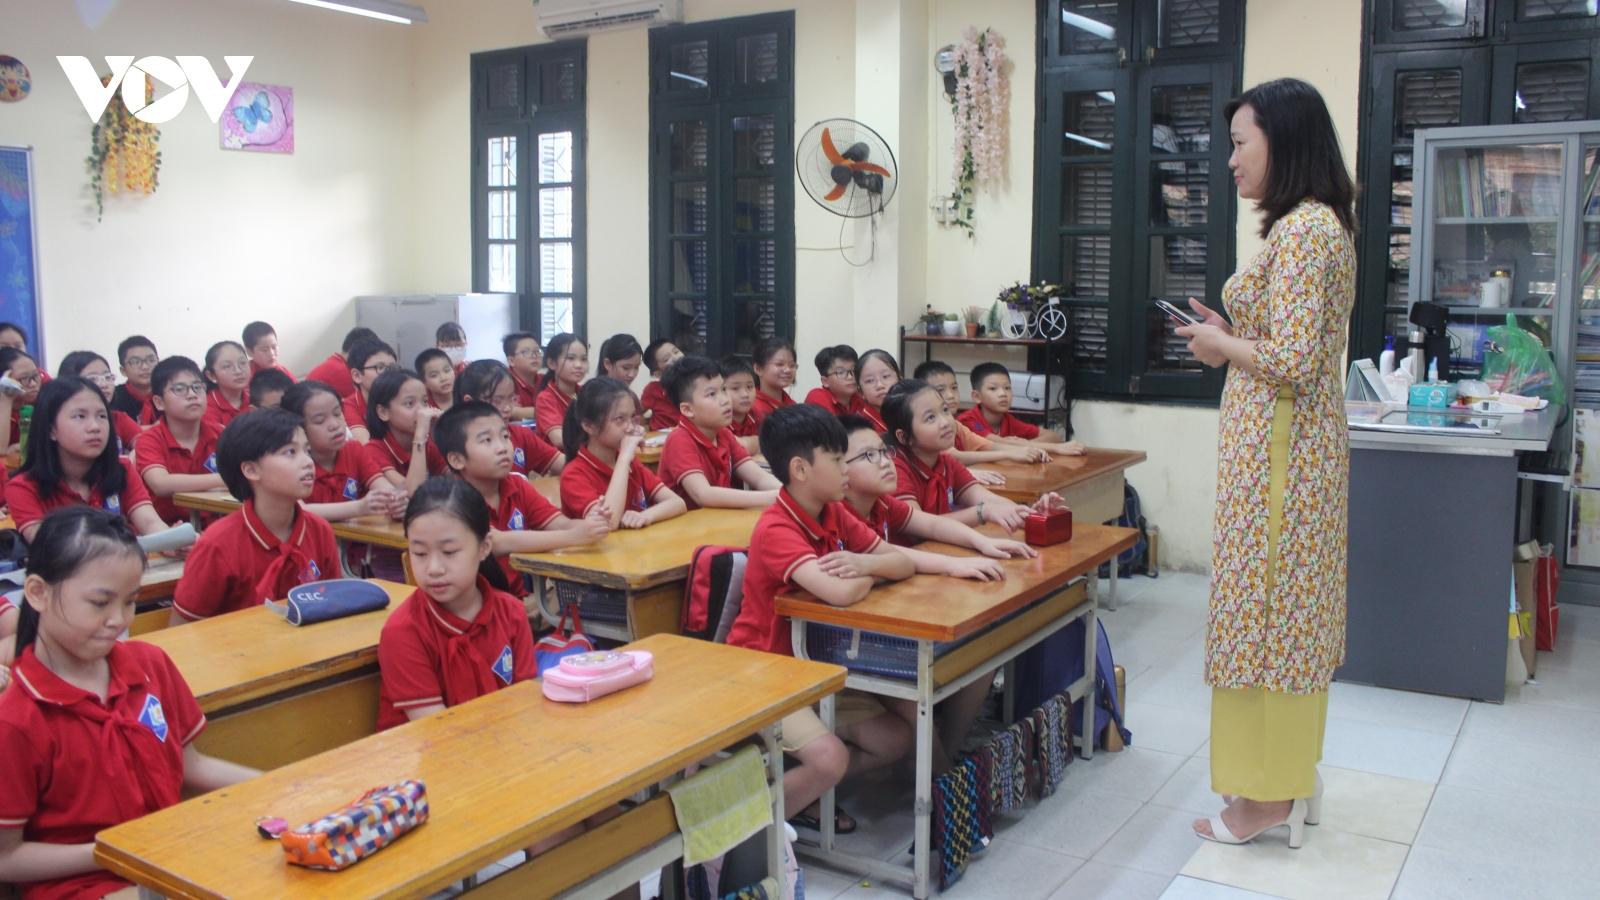 """Dạy tích hợp trong chương trình mới: """"Kiến thức tập huấn không đủ để dạy lớp giỏi"""""""